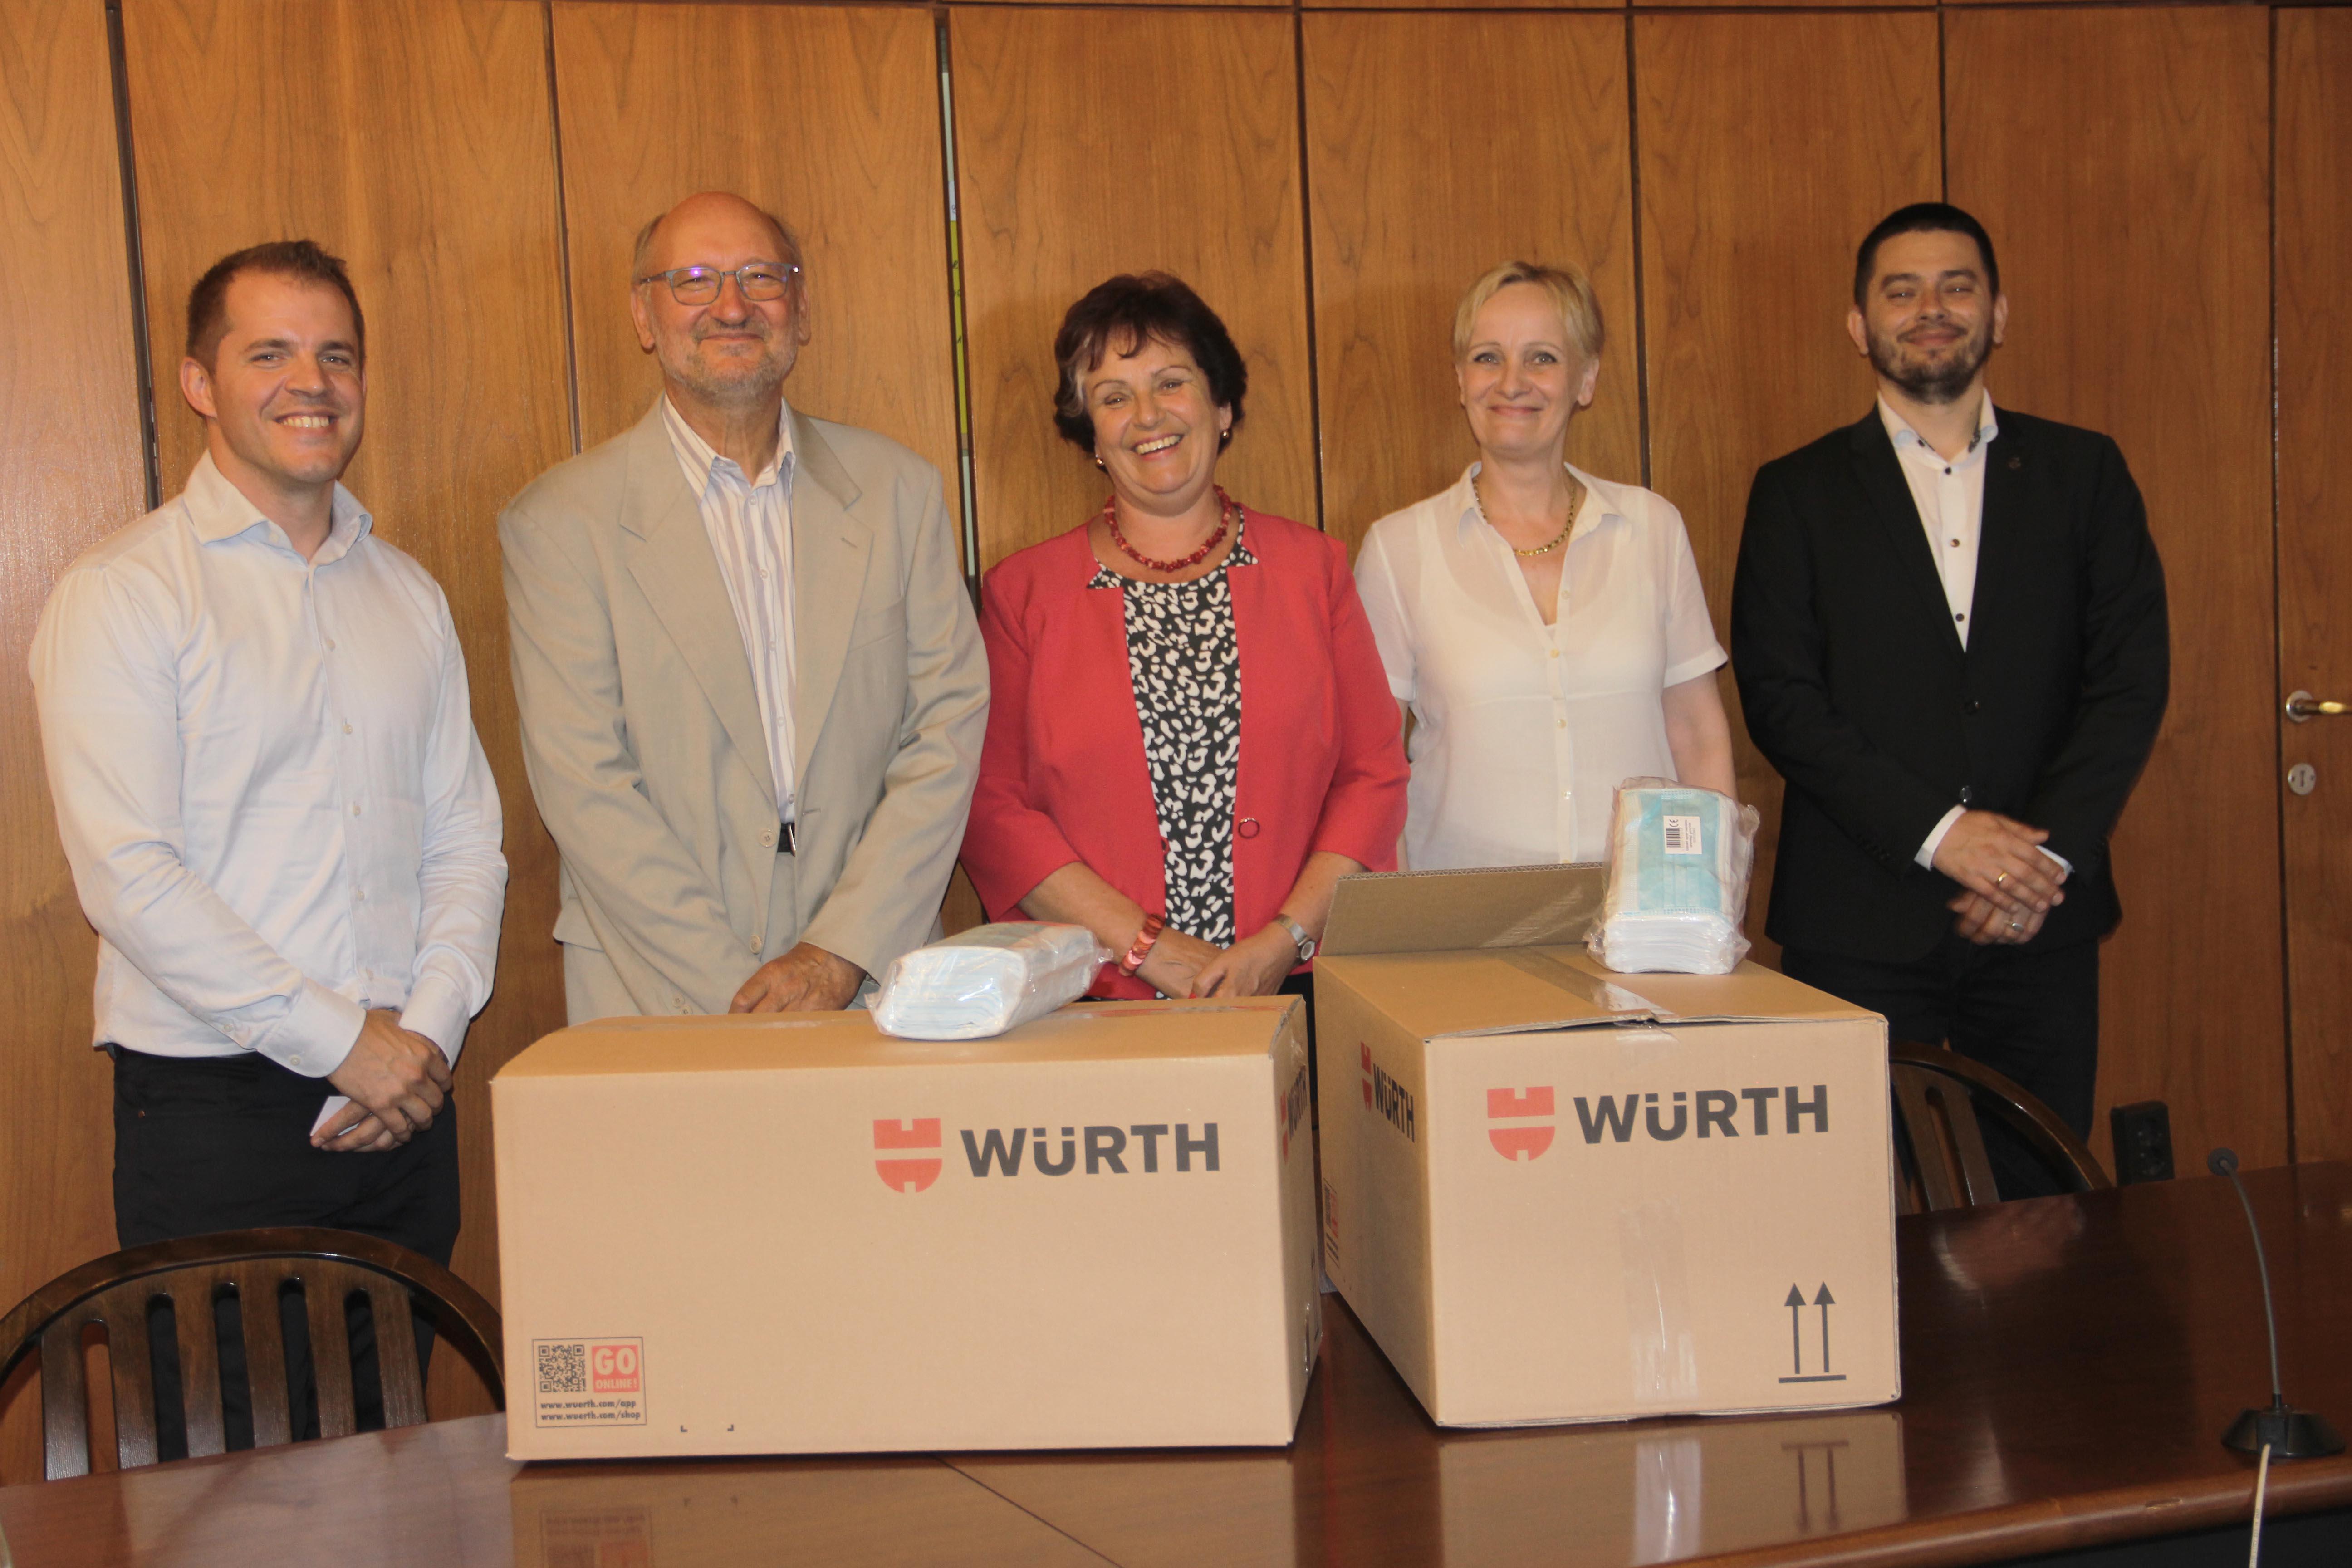 Alapítványi maszkadomány - Szombathelyre került az első 2500 darabos csomag